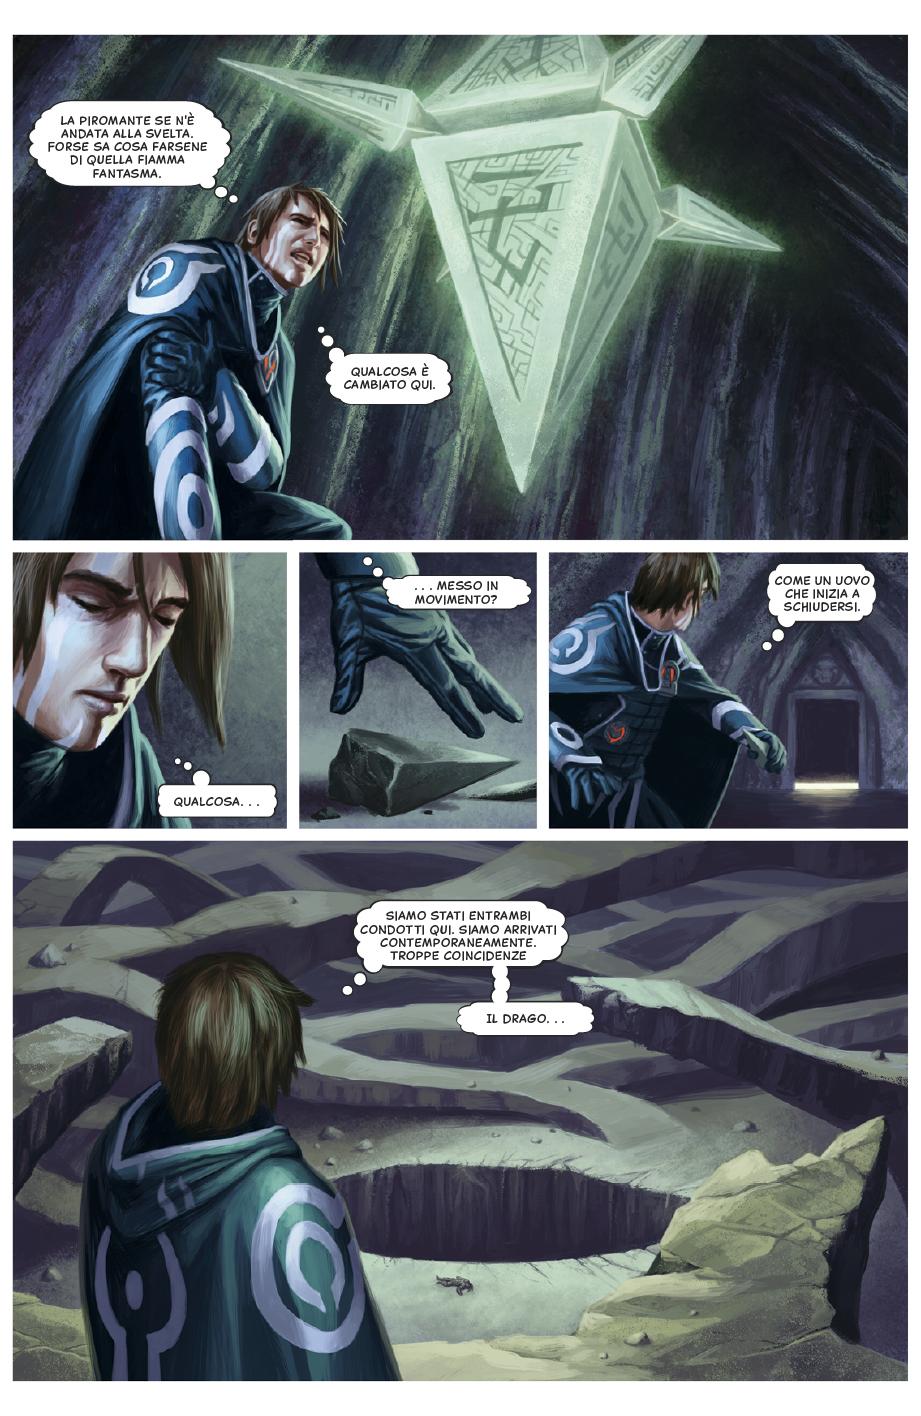 Enter the Eldrazi, Part 1: Page 2